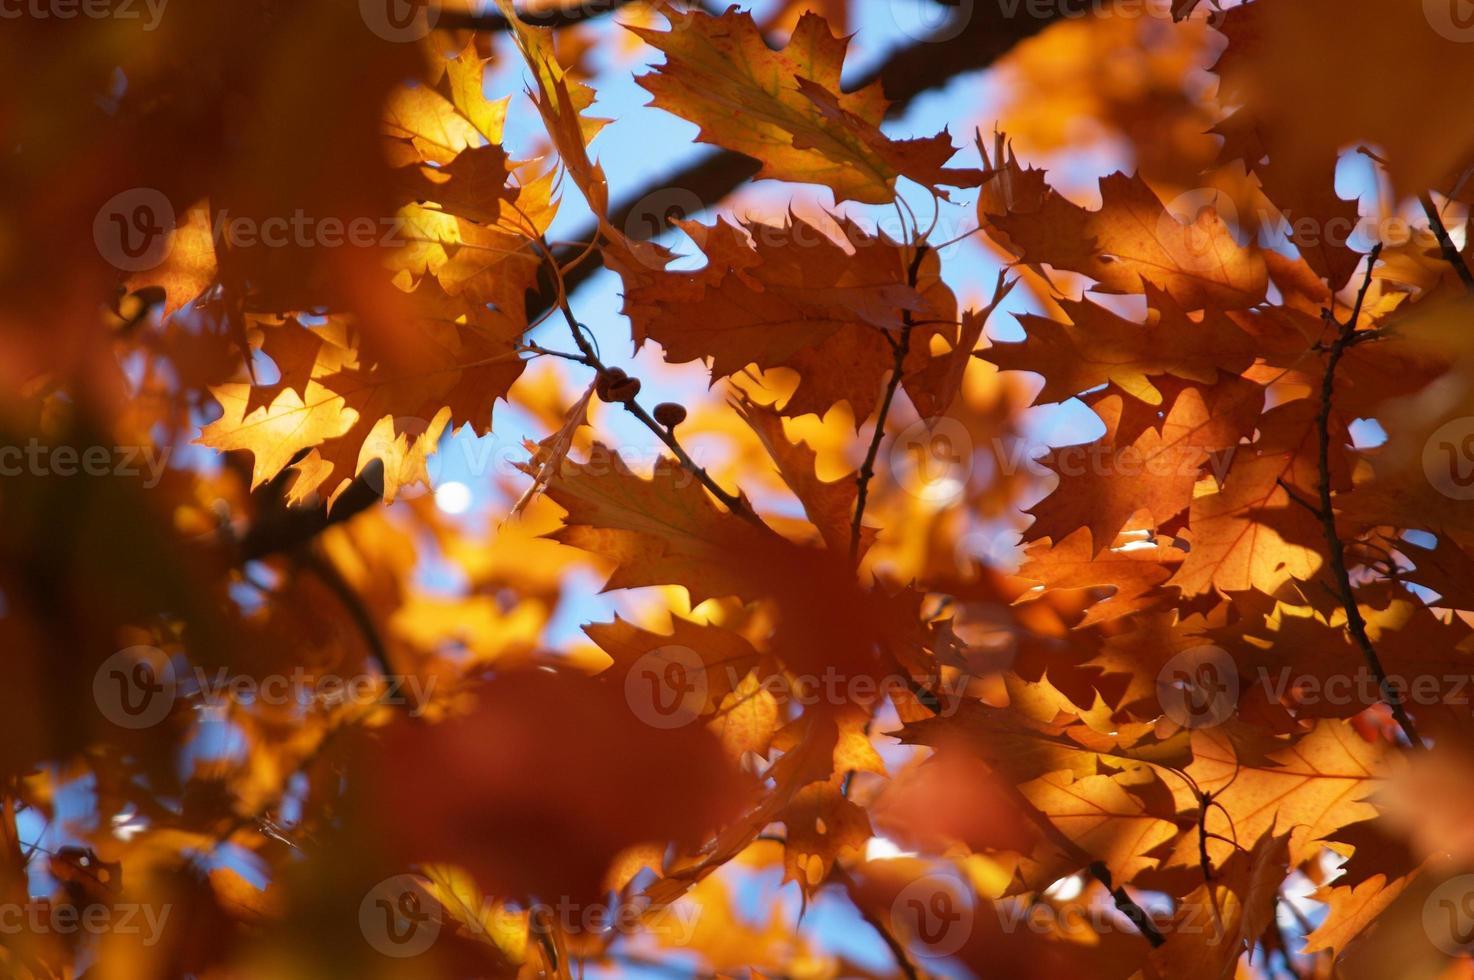 foglie colorate d'autunnali sull'albero foto